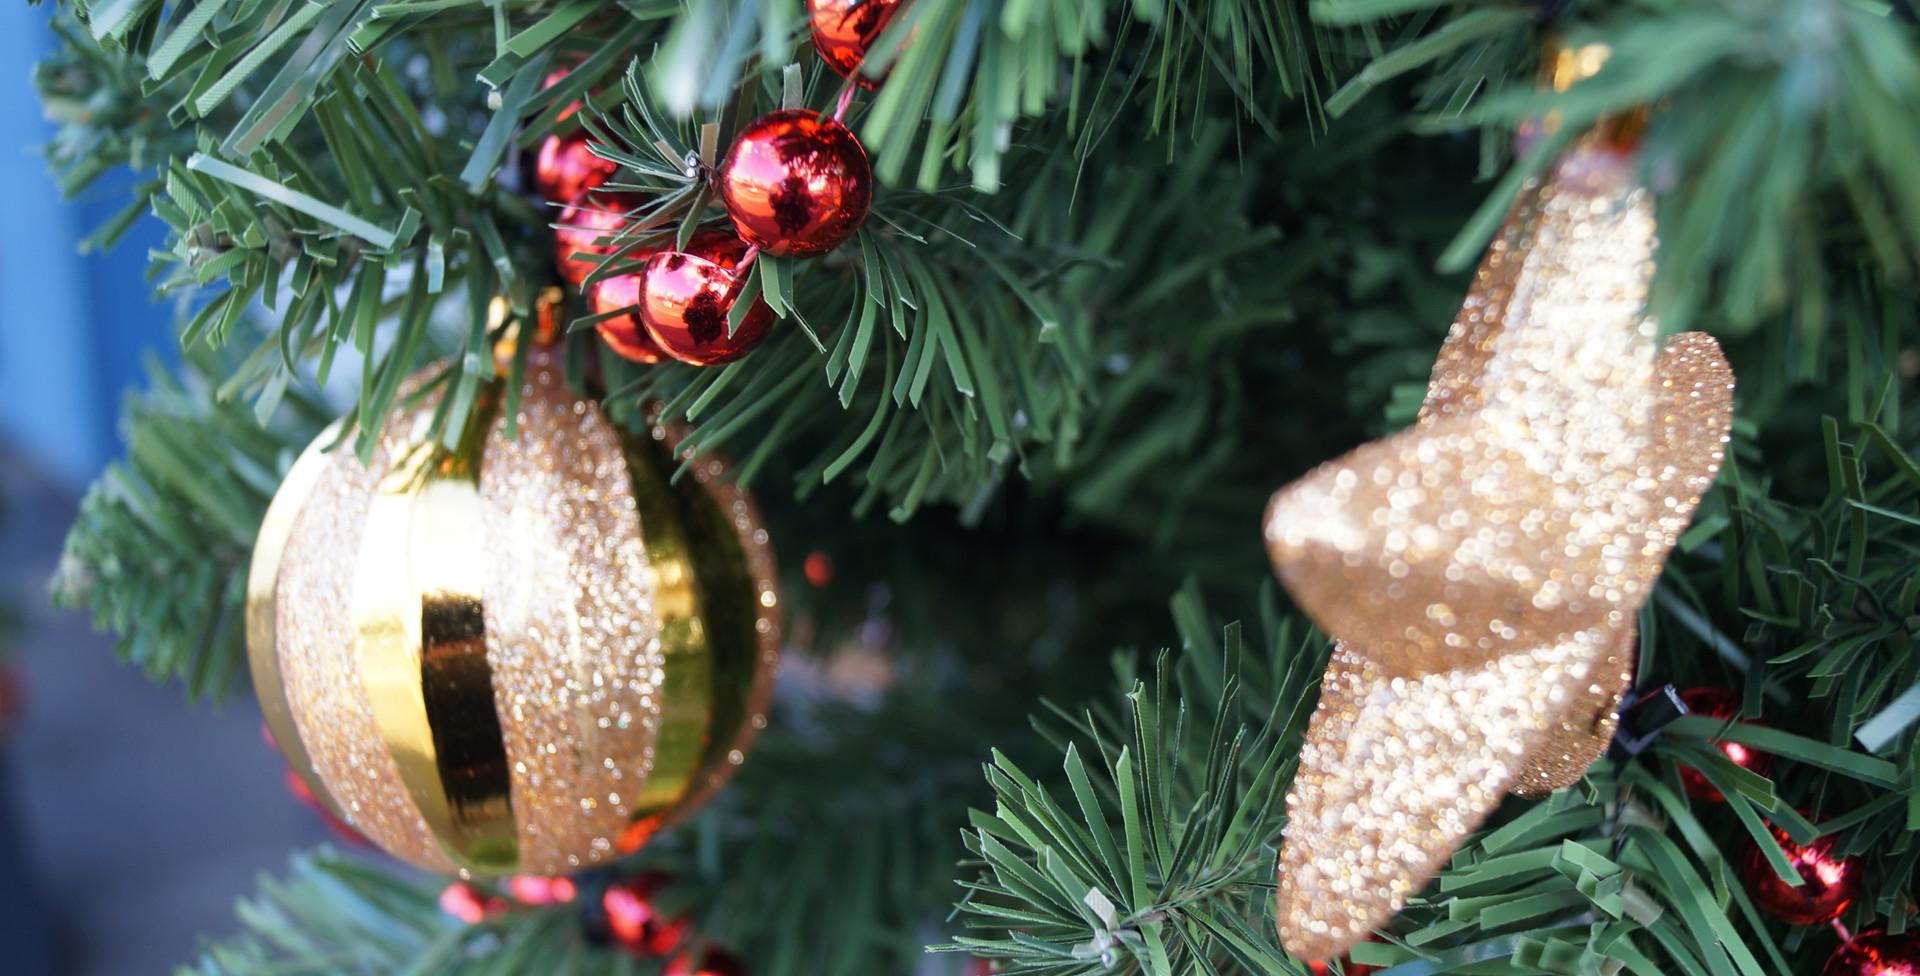 Kerstboog buiten detail 3 kerstboom